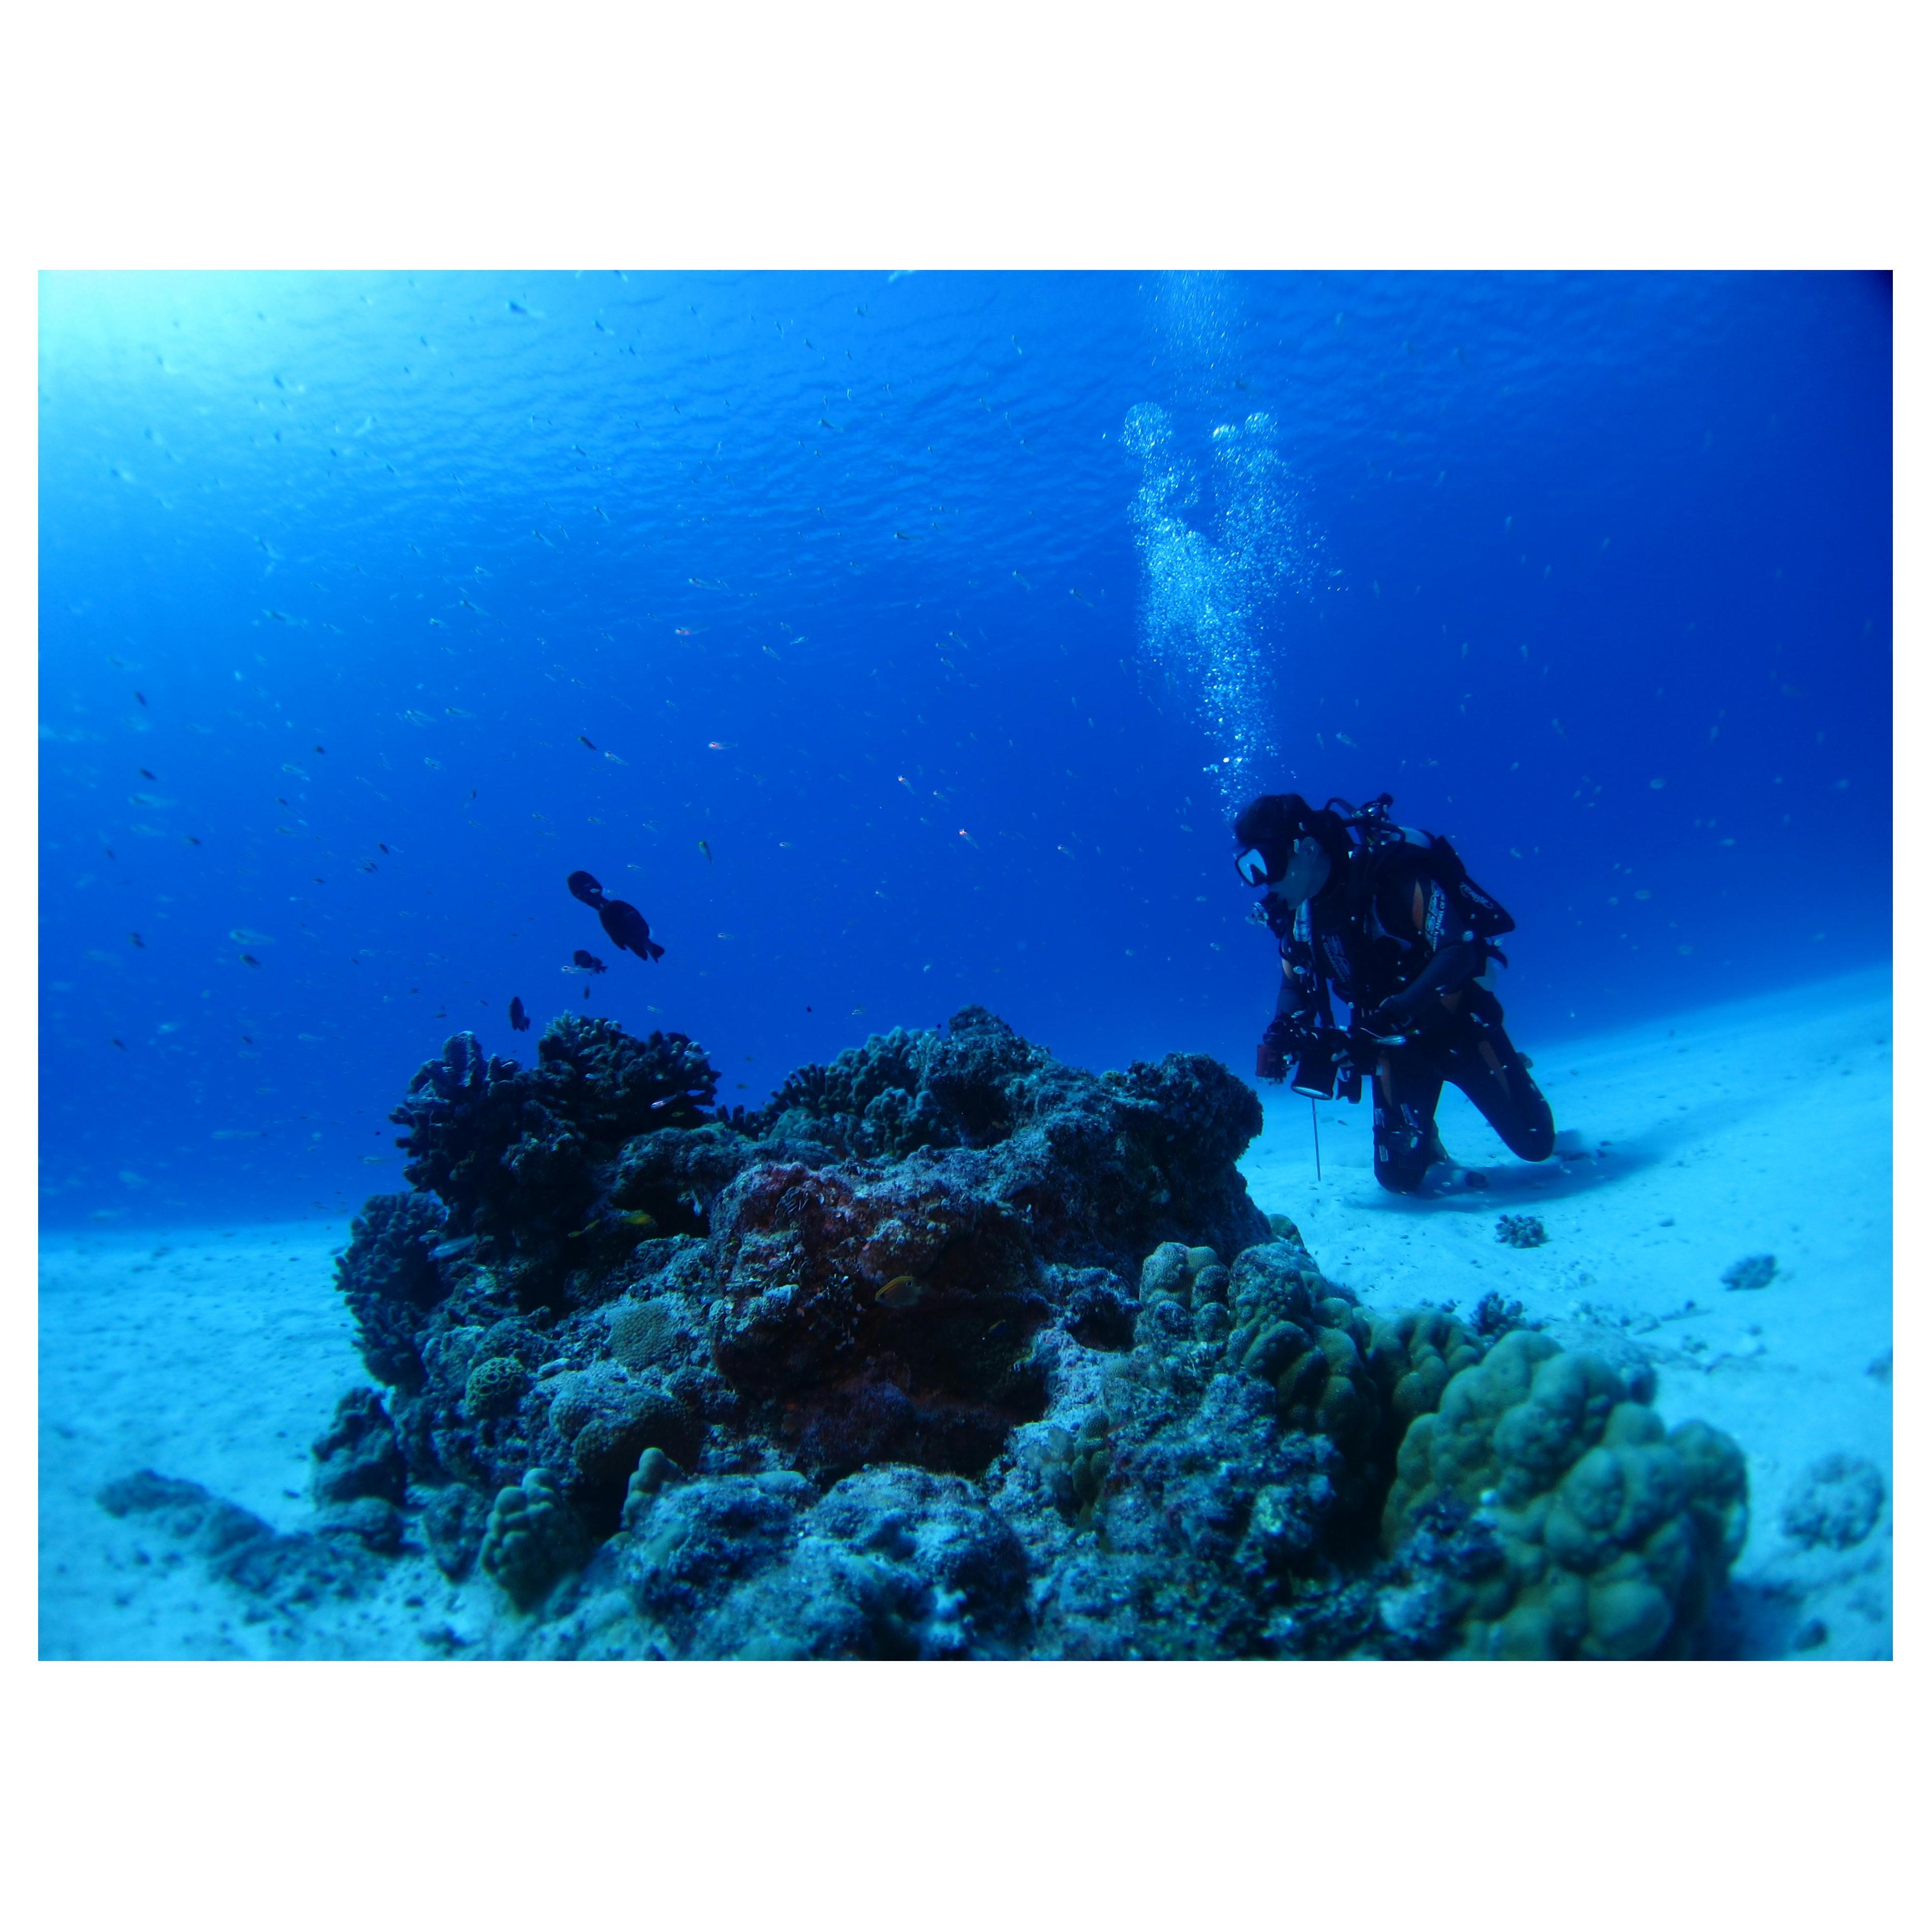 水中写真撮影、オリンパス 水中カメラ取扱説明、ダイビングスクール